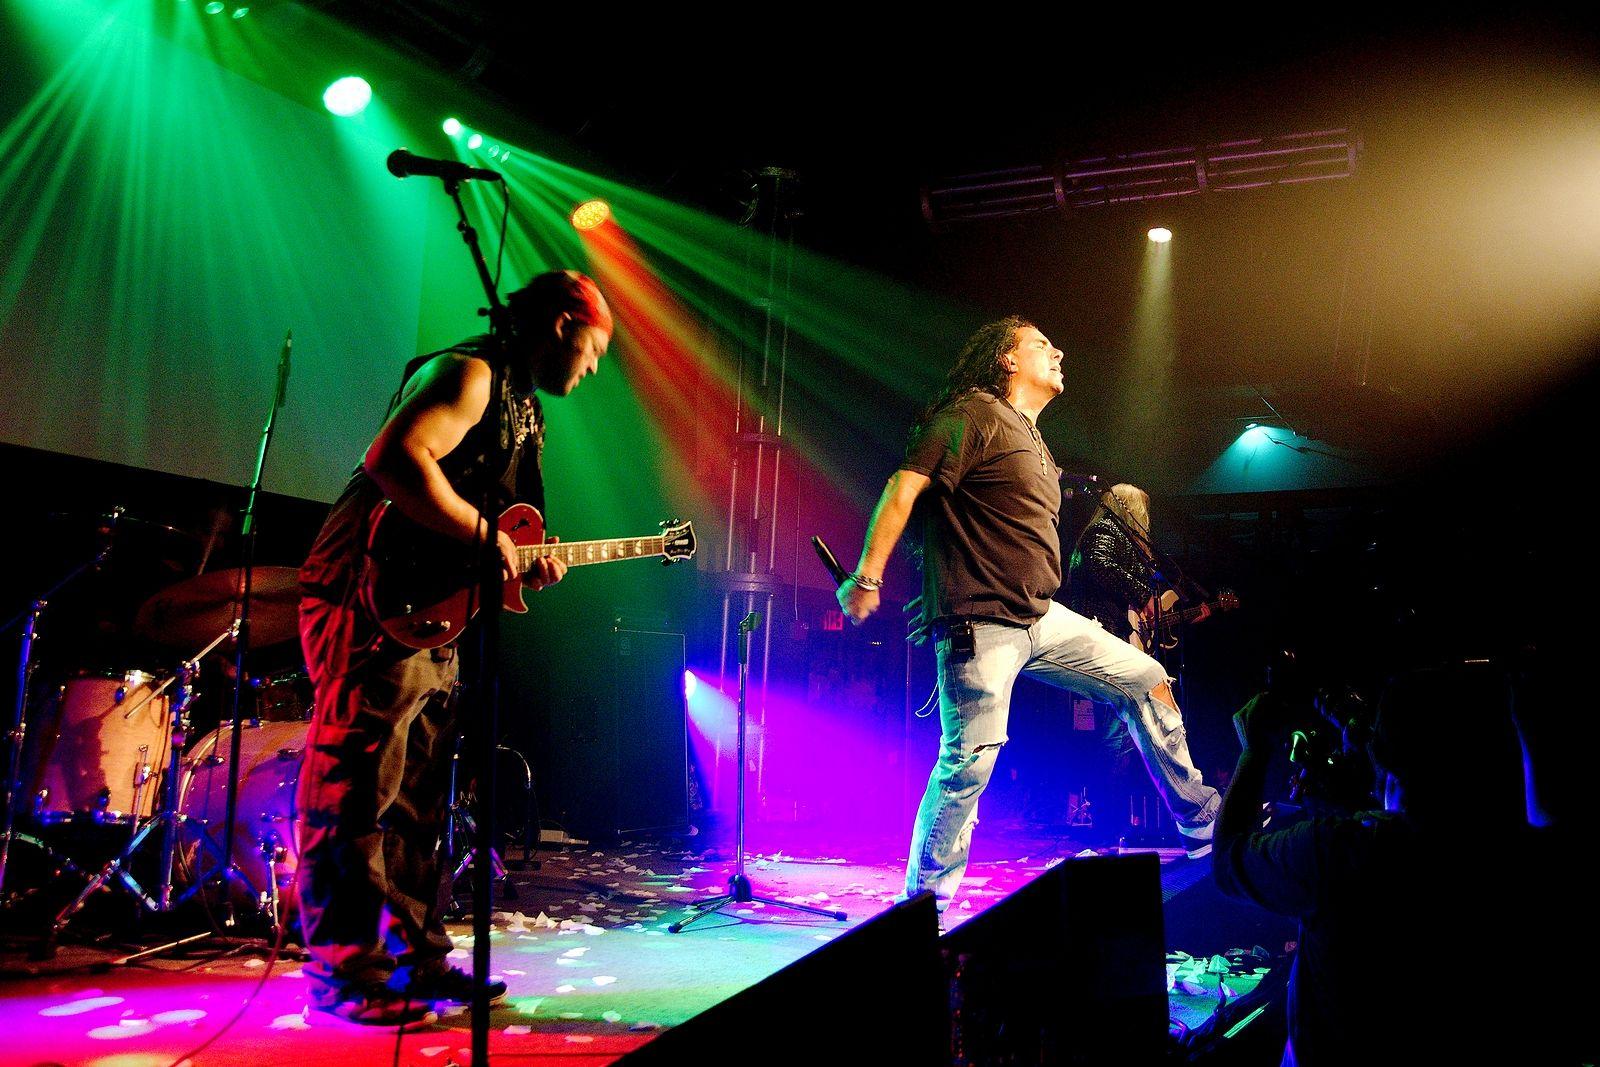 Eagles-tribute-band.jpg